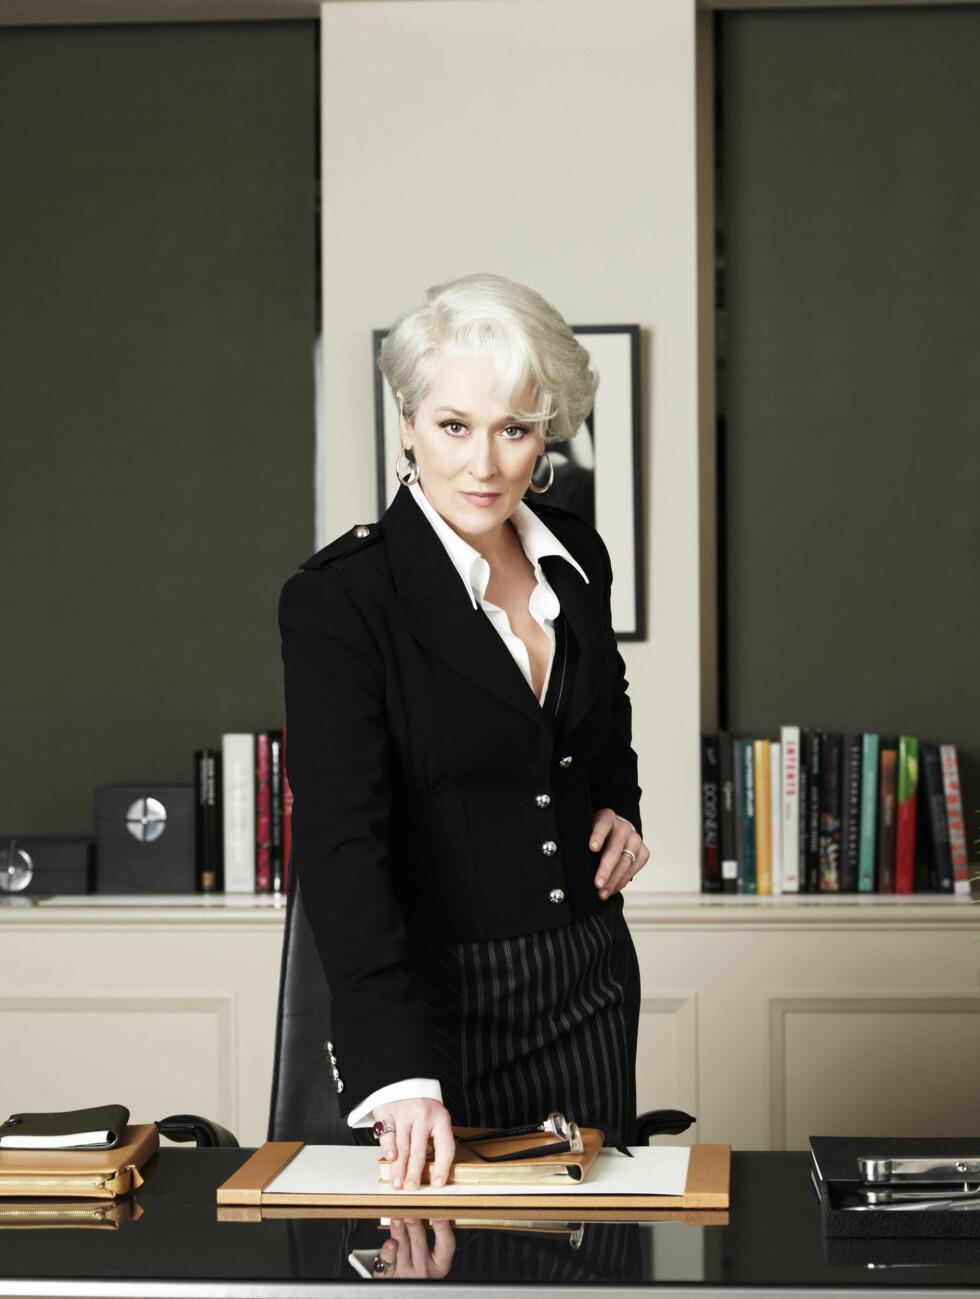 OSCAR-VINNER: Meryl Streep spiller rollen som Miranda Priestley fantastisk. Foto: Mary Evans Picture